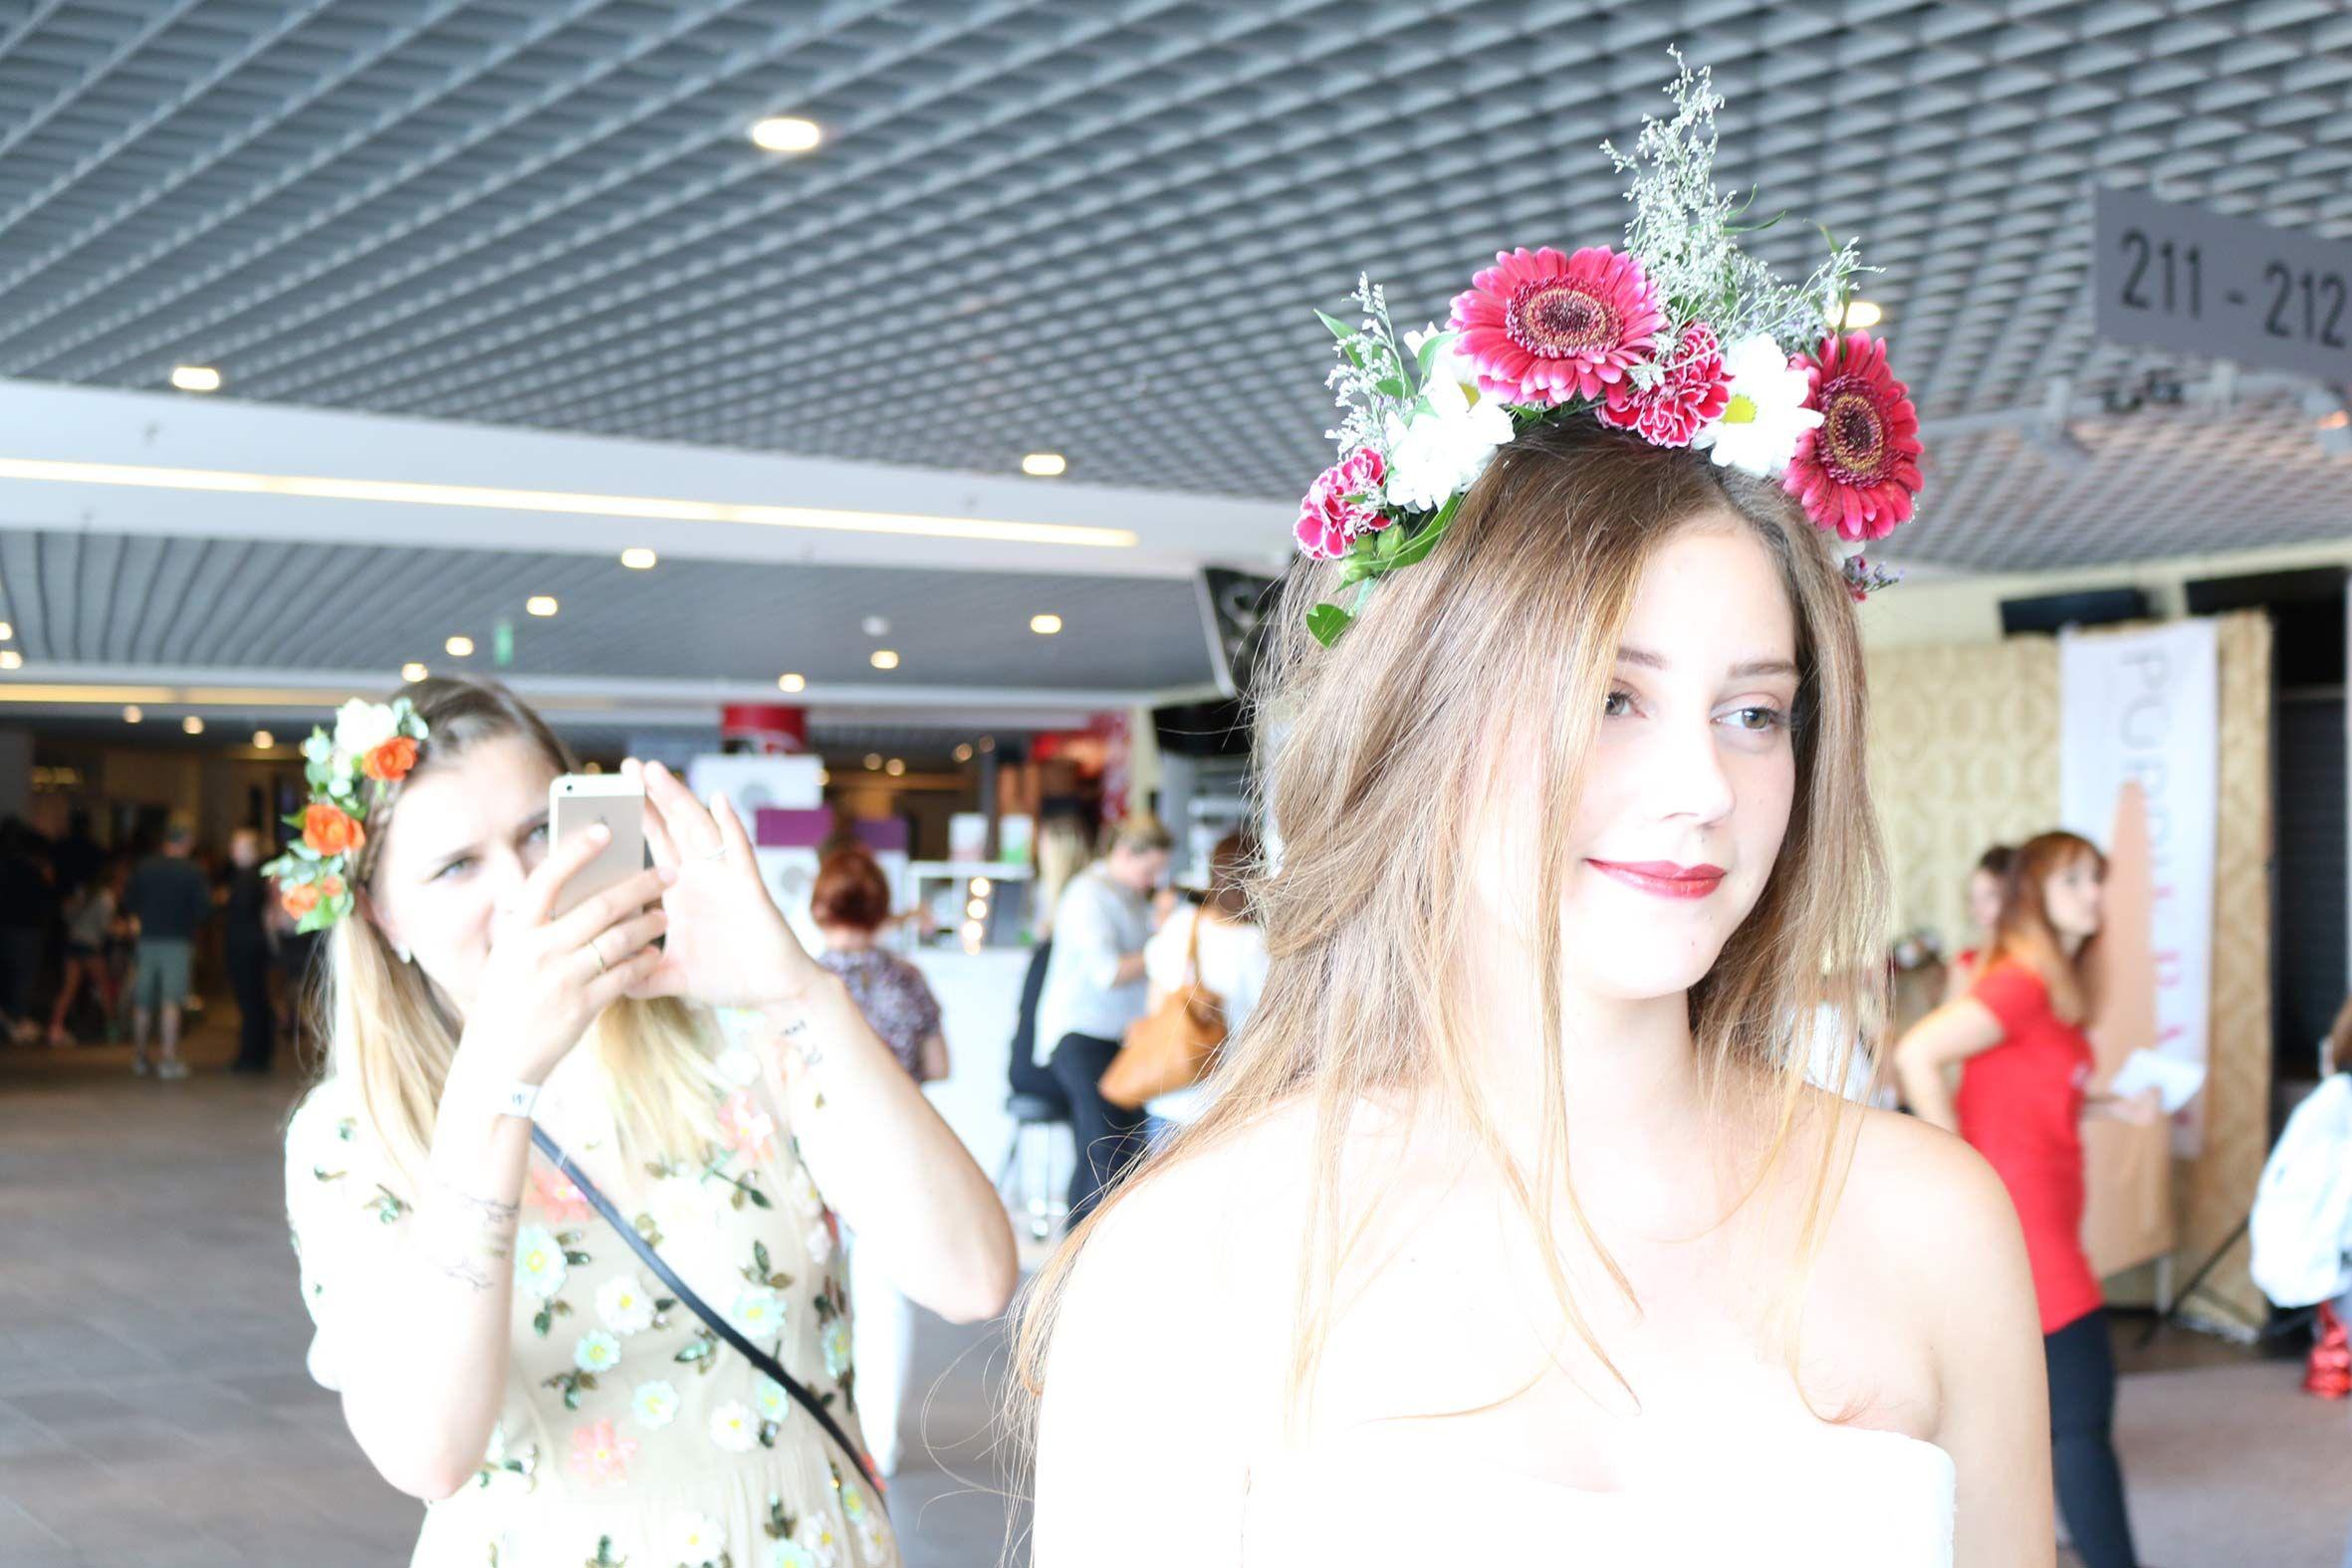 Braut von Foreverly mit traumhafter Brautfriusr auf der GLOSSYCON 2016